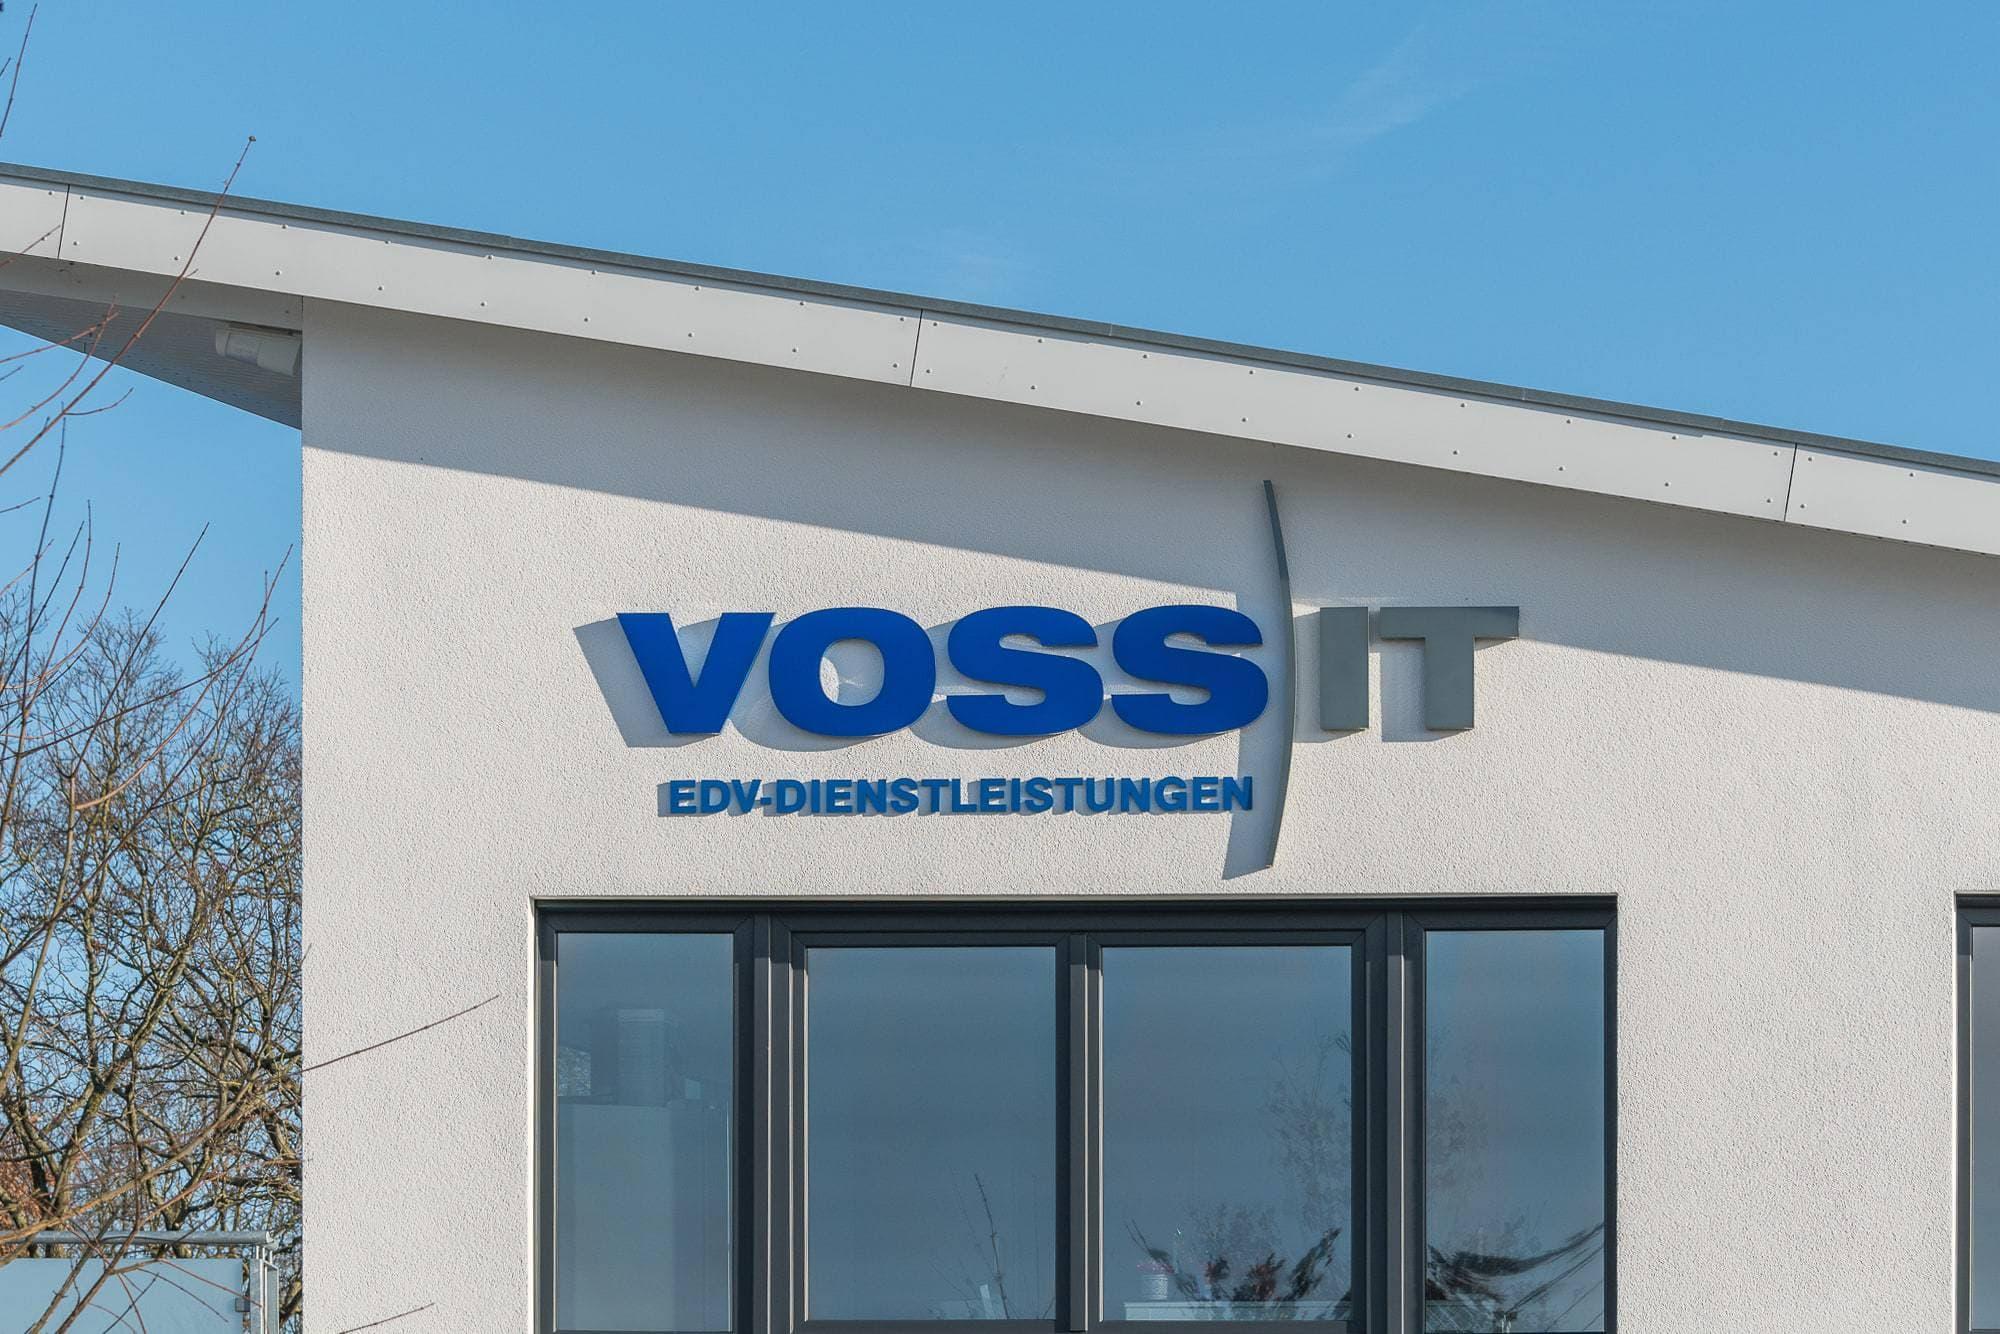 Lichtwerbung in Norderstedt mit Vollplexi LED-Buchstaben und Acrybuchstaben